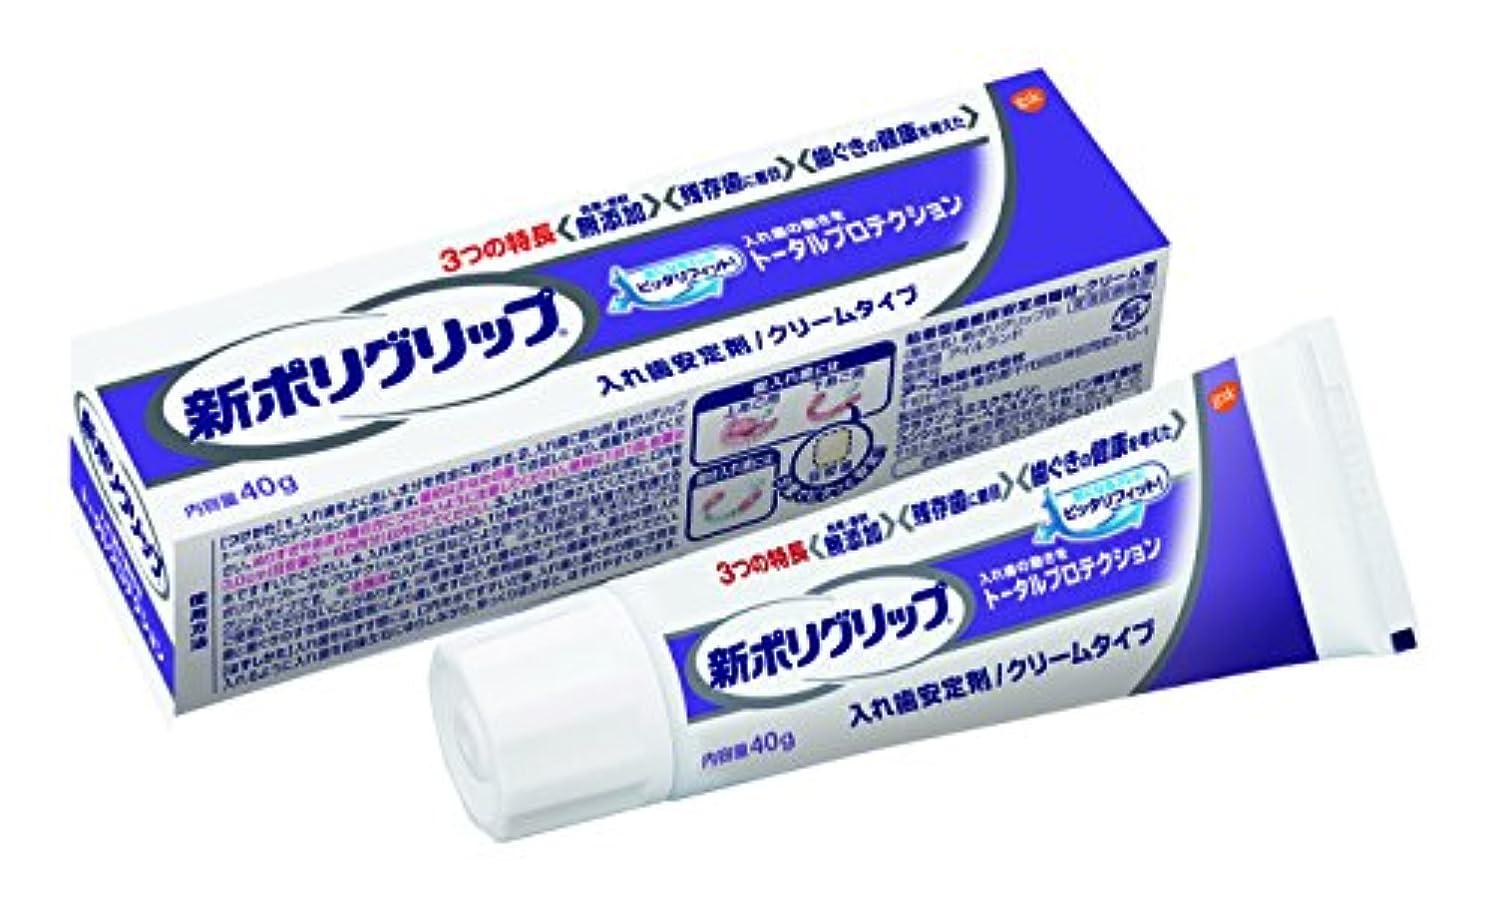 清めるくるくるスチール部分?総入れ歯安定剤 新ポリグリップ トータルプロテクション (残存歯に着目) 40g